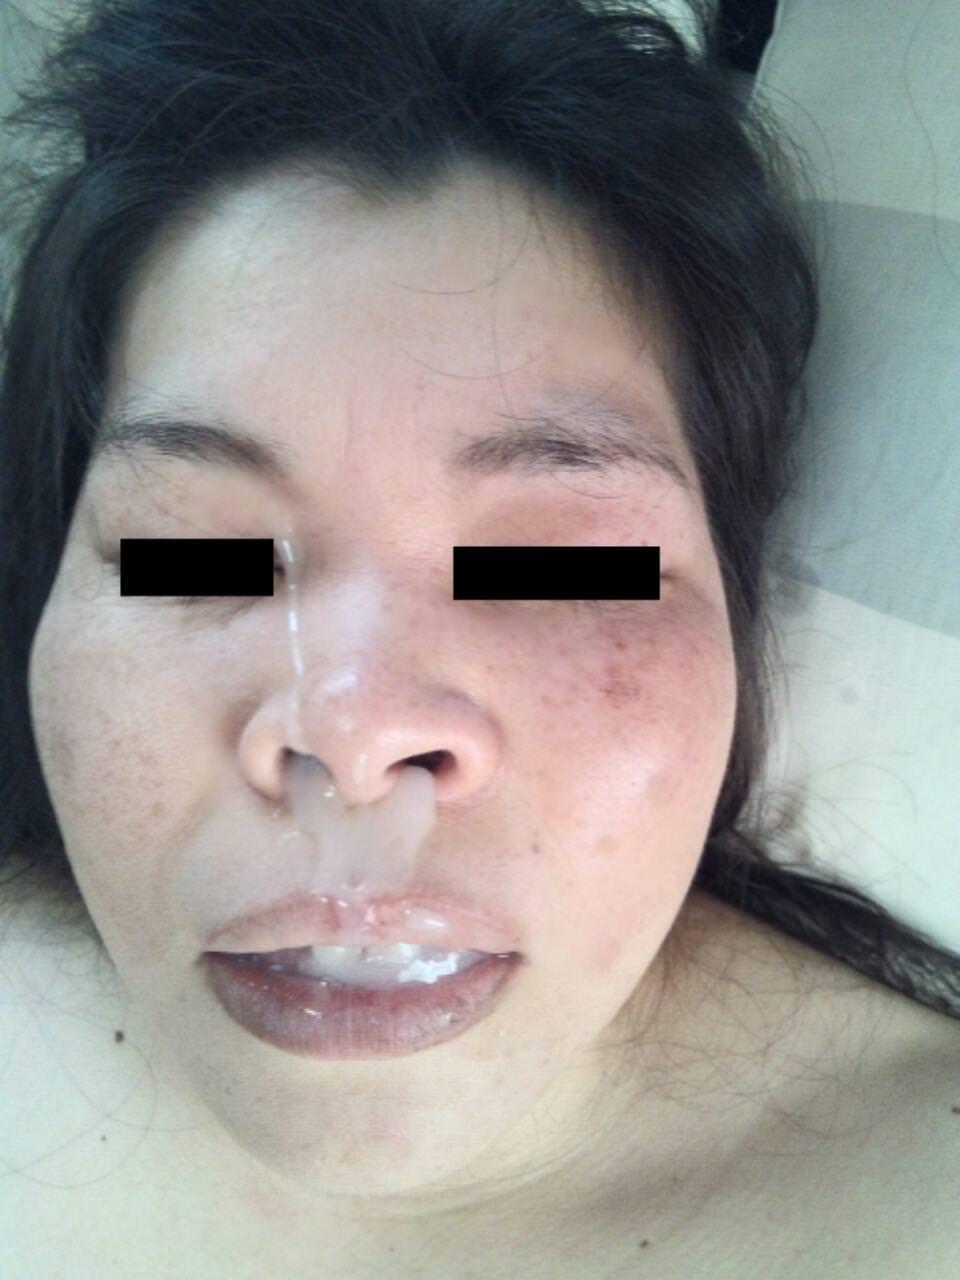 3日溜めたドロドロのザーメンを不倫してる素人妻に口内射精した結果wwwww 21145